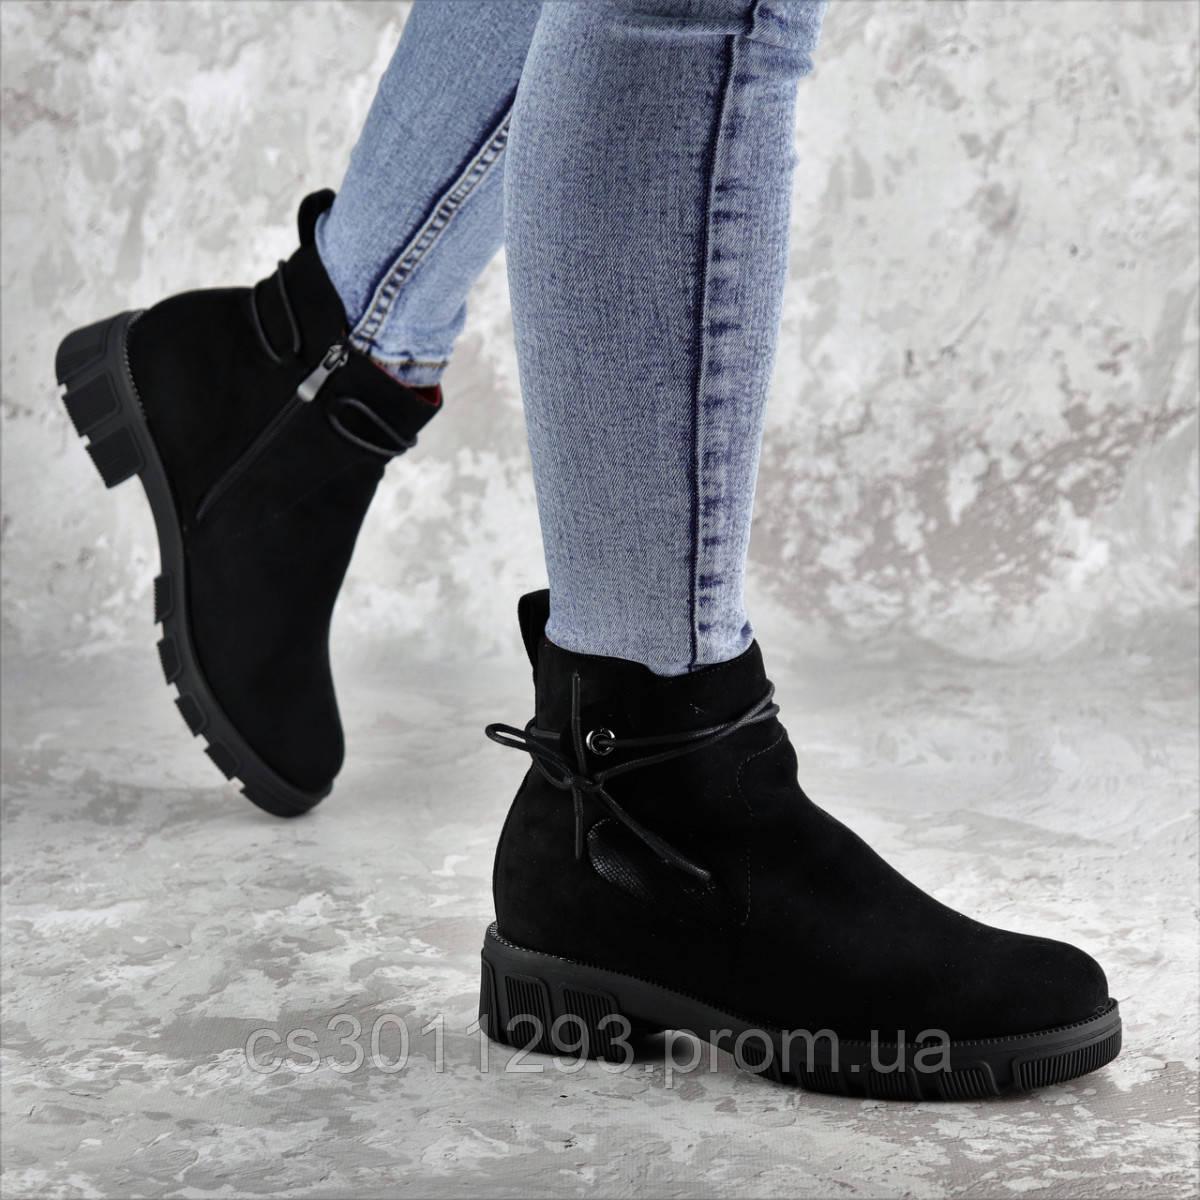 Ботинки женские зимние Fashion Kuvic 2314 36 размер 23,5 см Черный